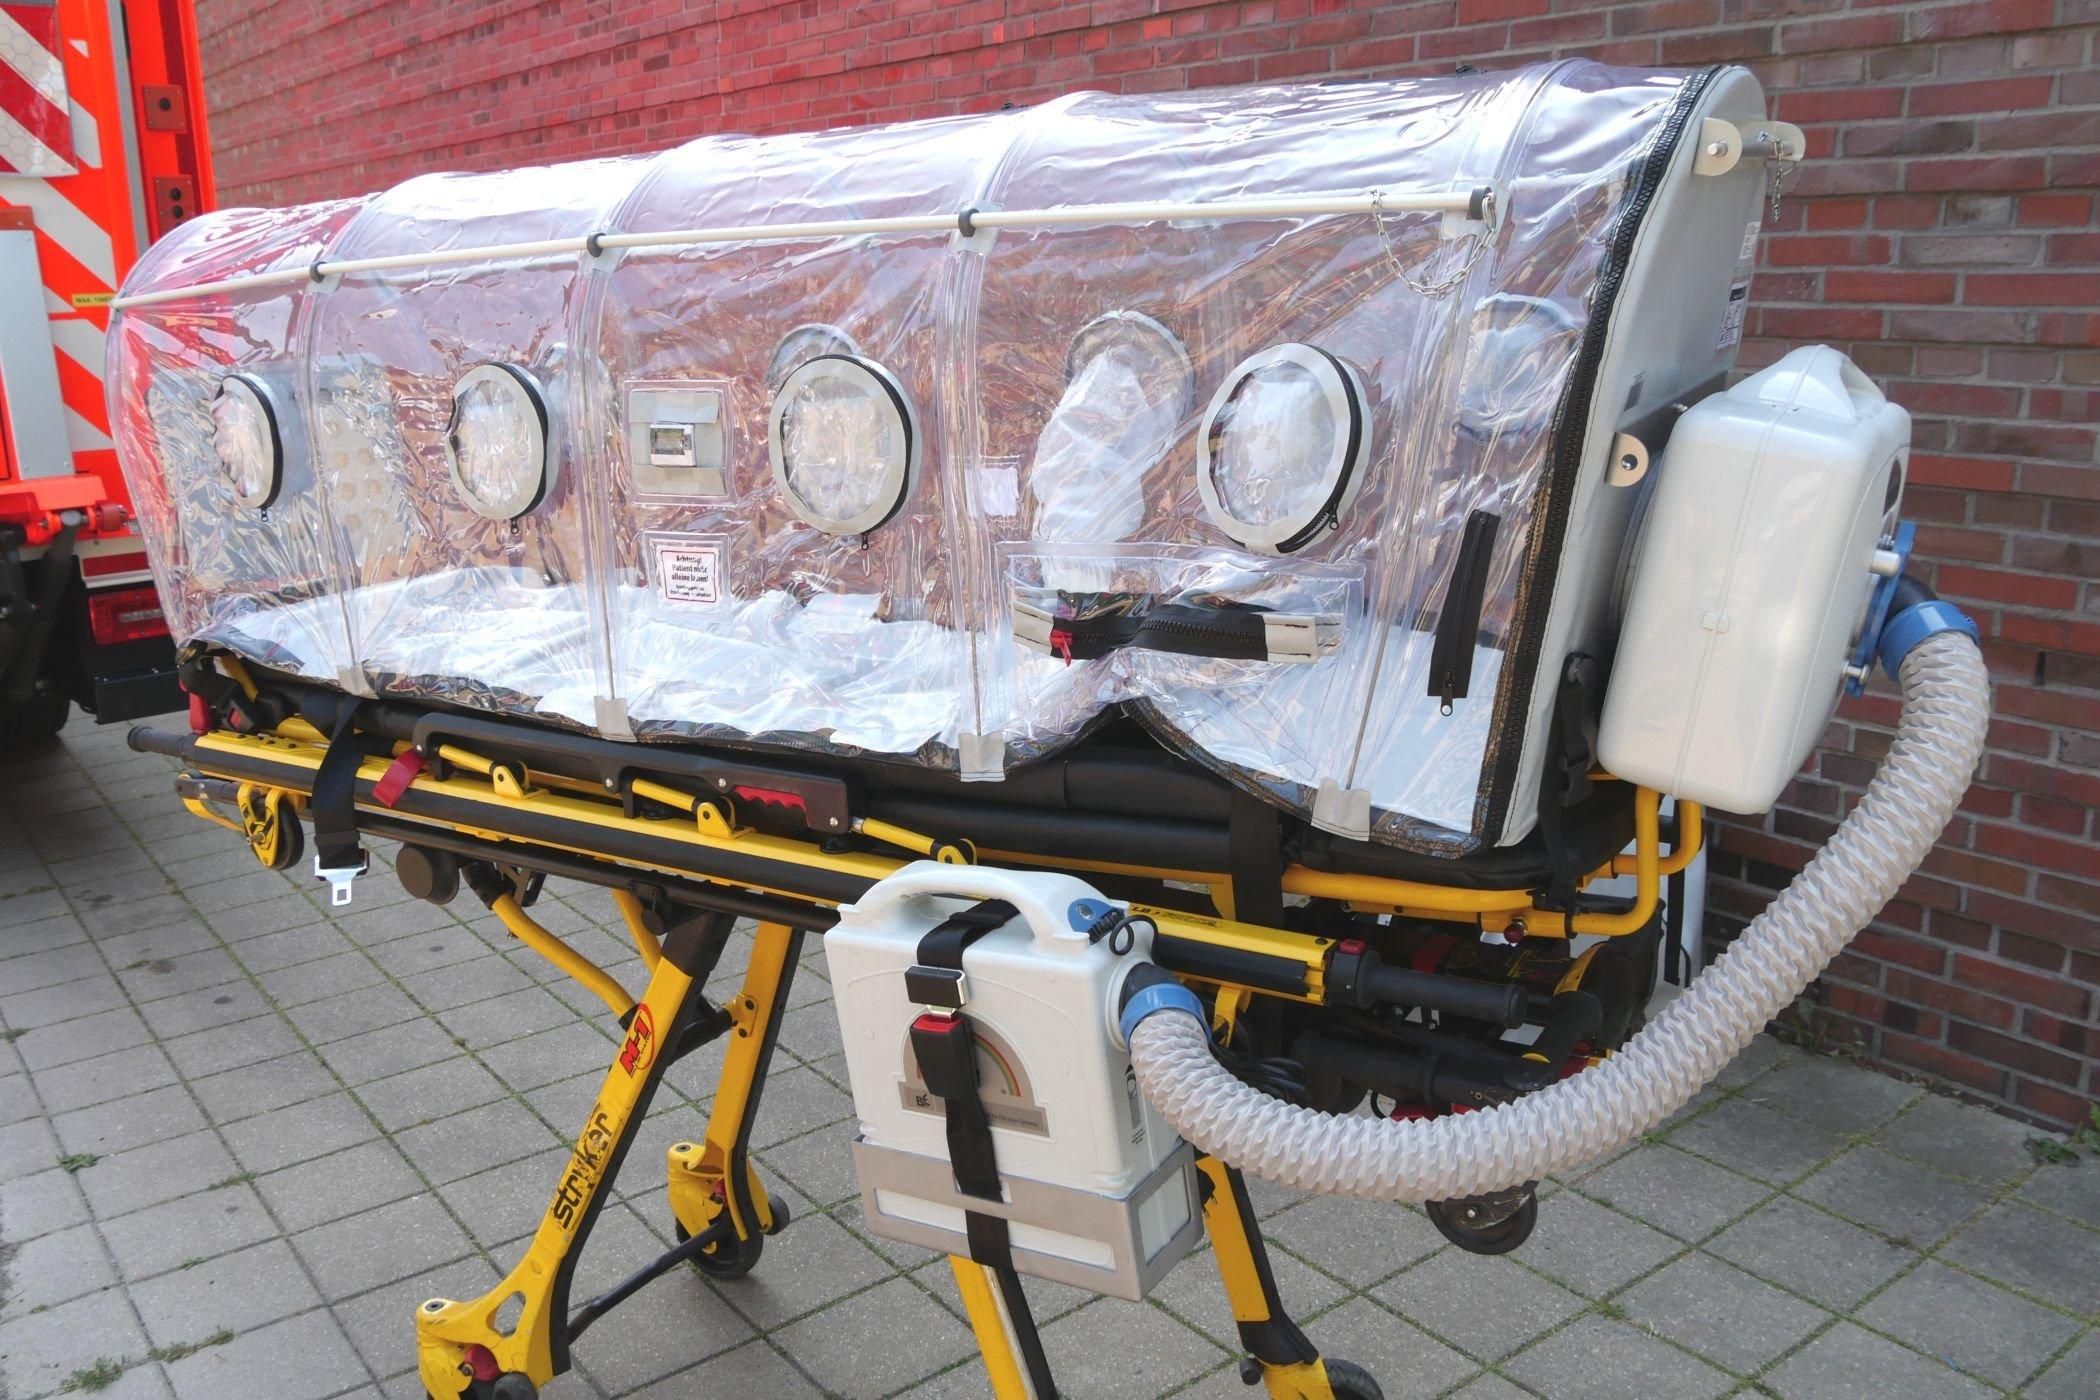 Zu den Leihgaben gehört auch diese Isoliertrage, auf der infizierte Patienten abgesichert transportiert werden können. Da es in Deutschland nicht viele von diesen Tragen gibt, darf sie der Ausstellung bei akutem Notfall entnommen werden (Foto: LWL/Schubert).